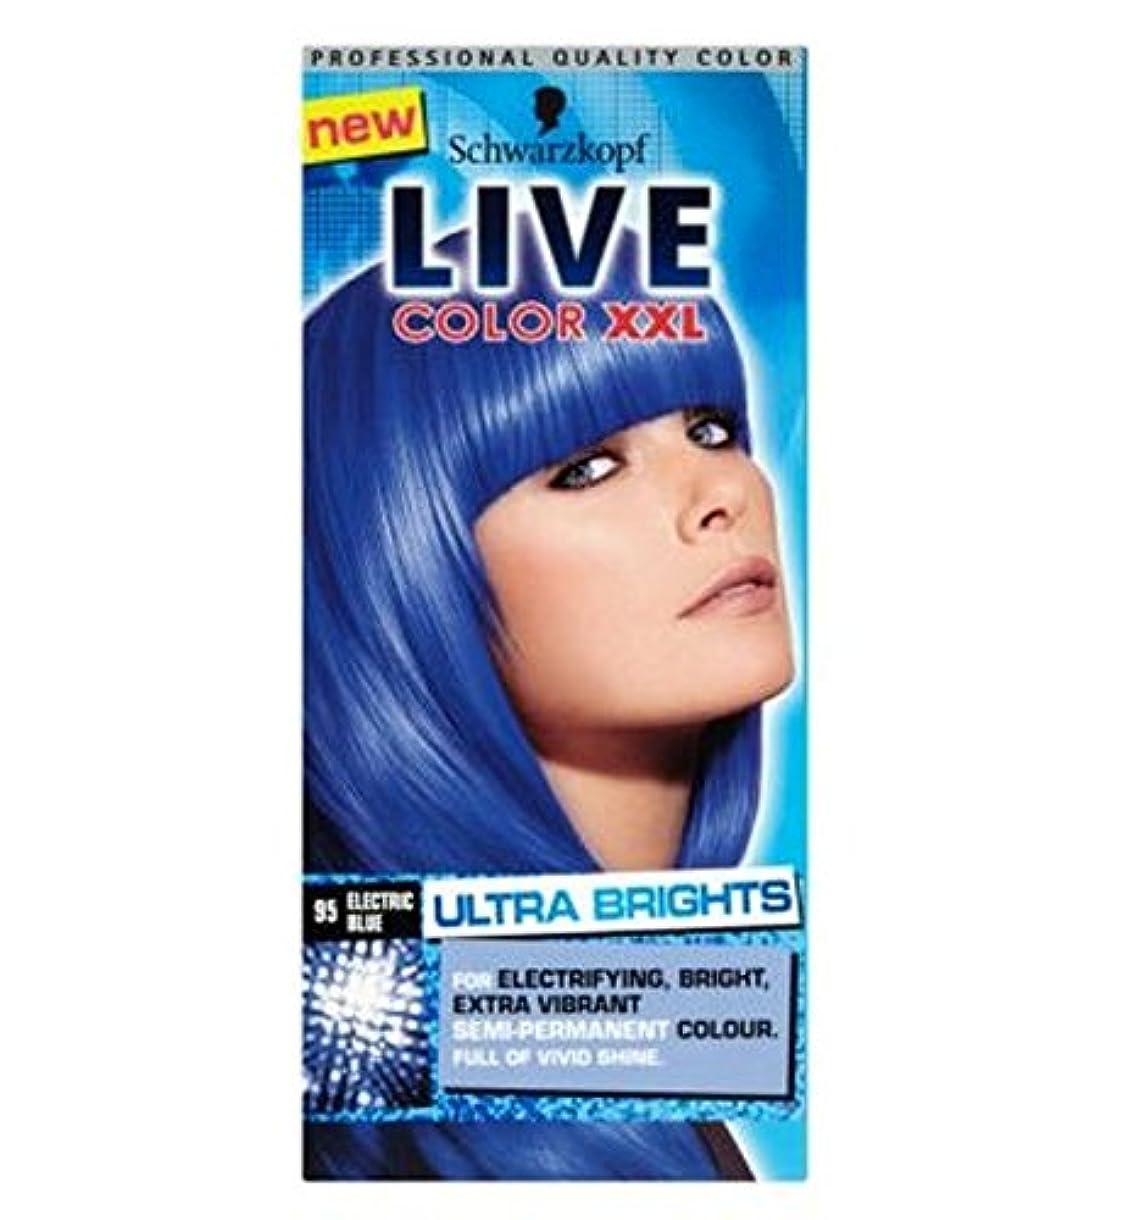 耐えられる合理的ゲートウェイSchwarzkopf LIVE Color XXL Ultra Brights 95 Electric Blue Semi-Permanent Blue Hair Dye - シュワルツコフライブカラーXxl超輝95エレクトリックブルー...